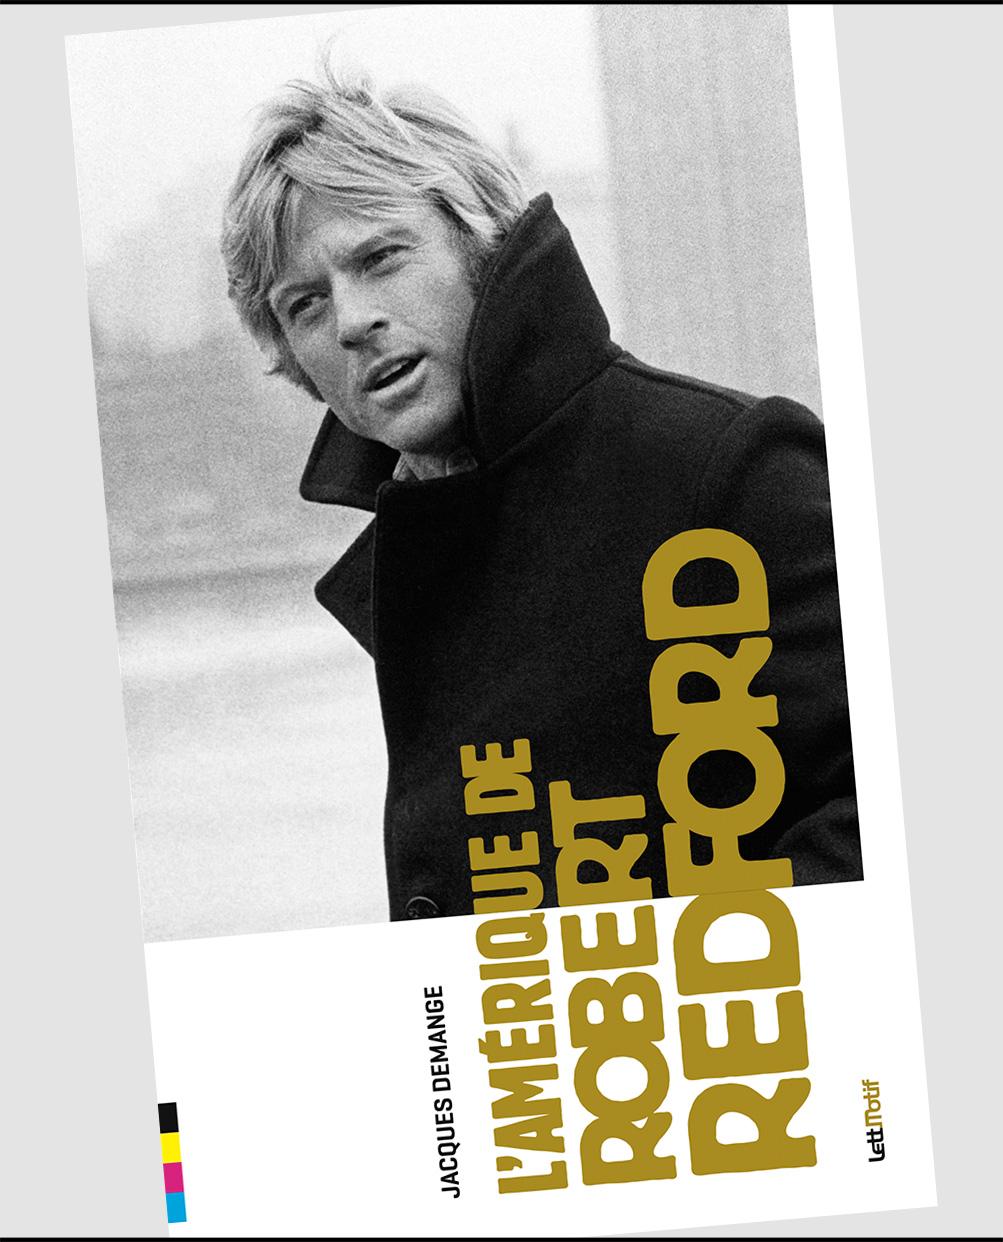 lamerique-de-robert-redford-critique-livre